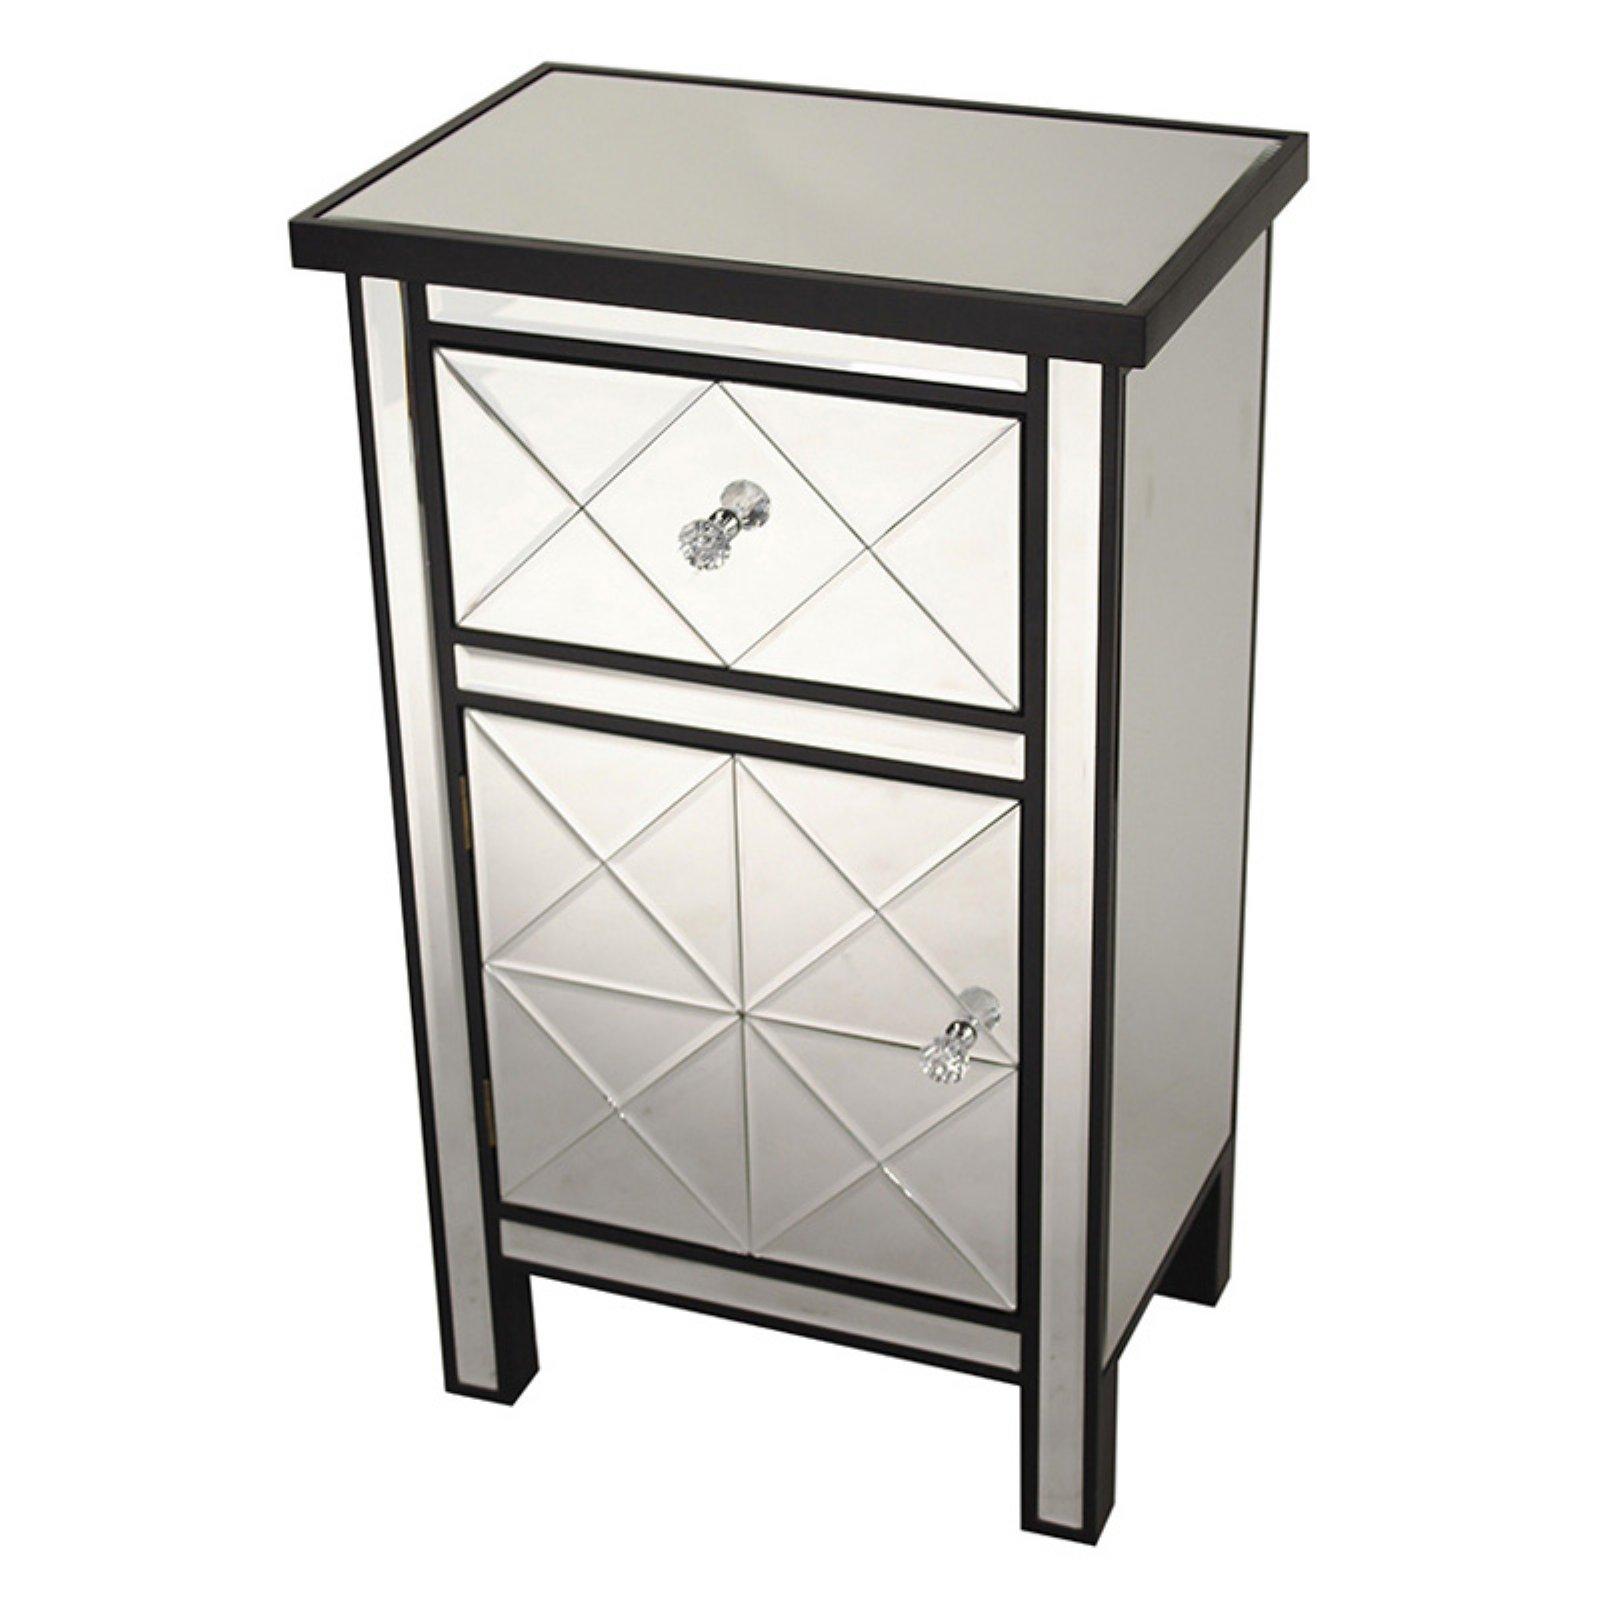 Heather Ann Creations Emmy Medium 1 Drawer 1 Door Mirrored Accent Cabinet